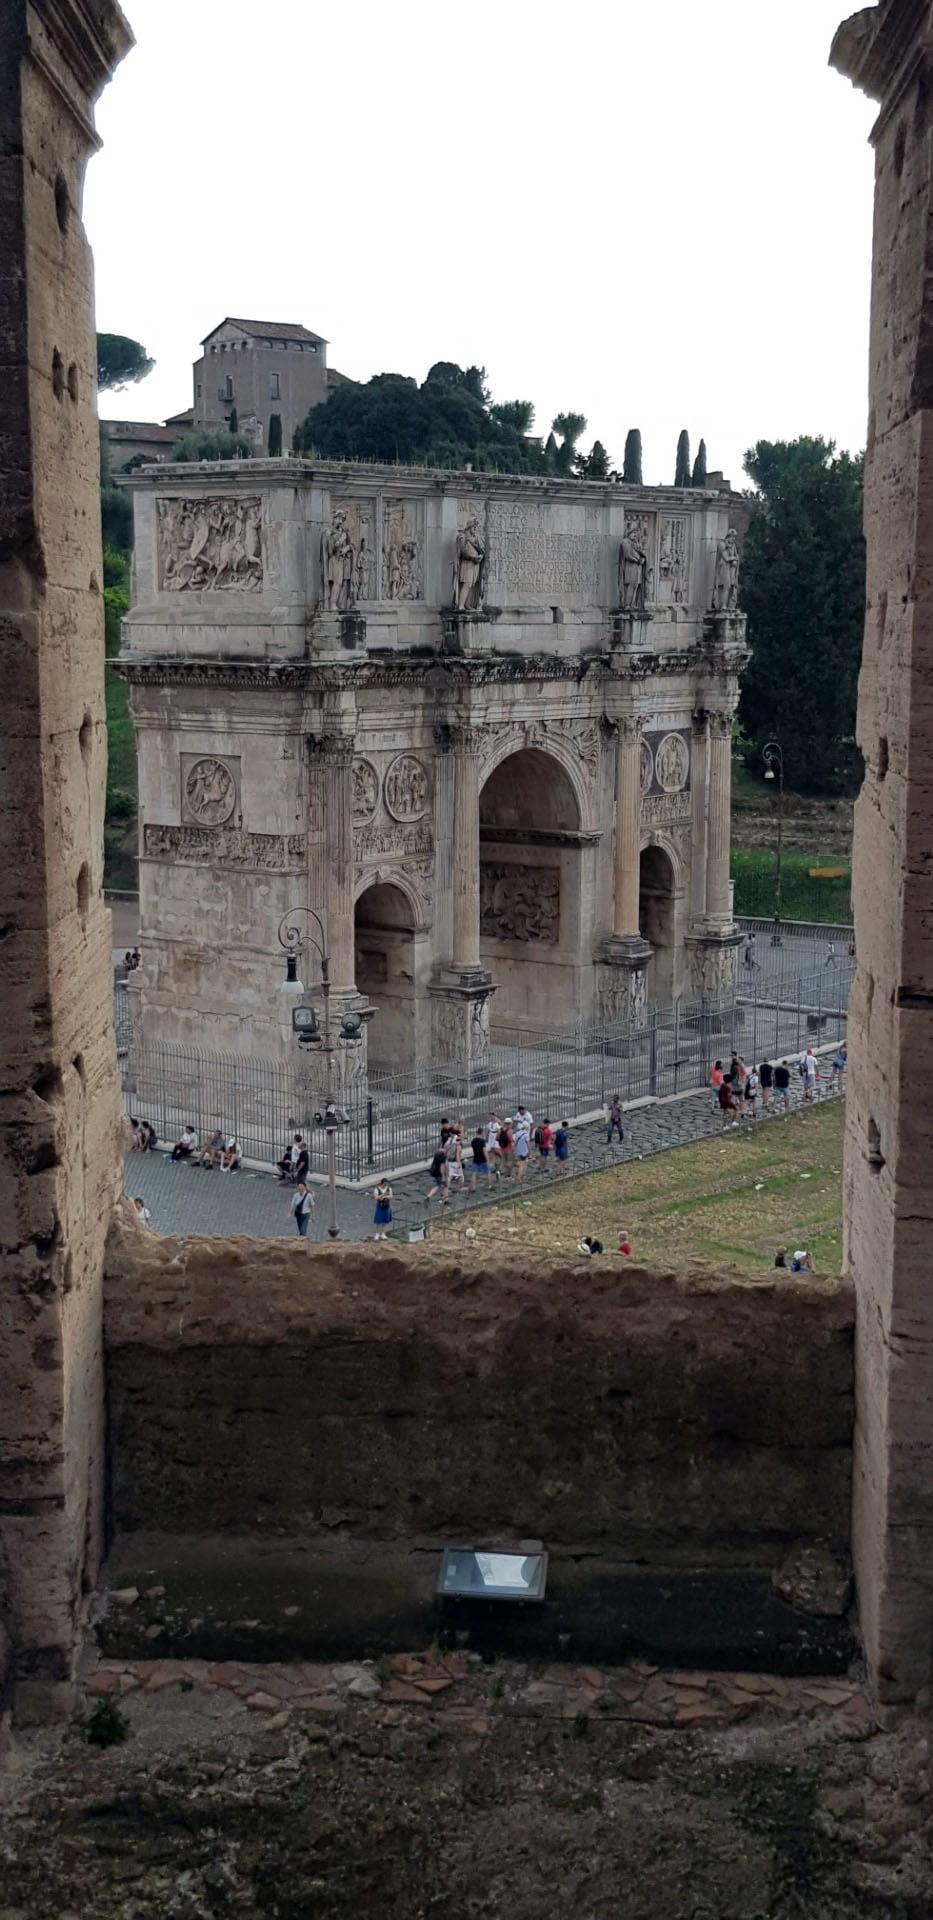 Italija_Rim_Koloseum_Evropske_metropole_2020_autobusom_last_minute_uskrs_prvi_maj